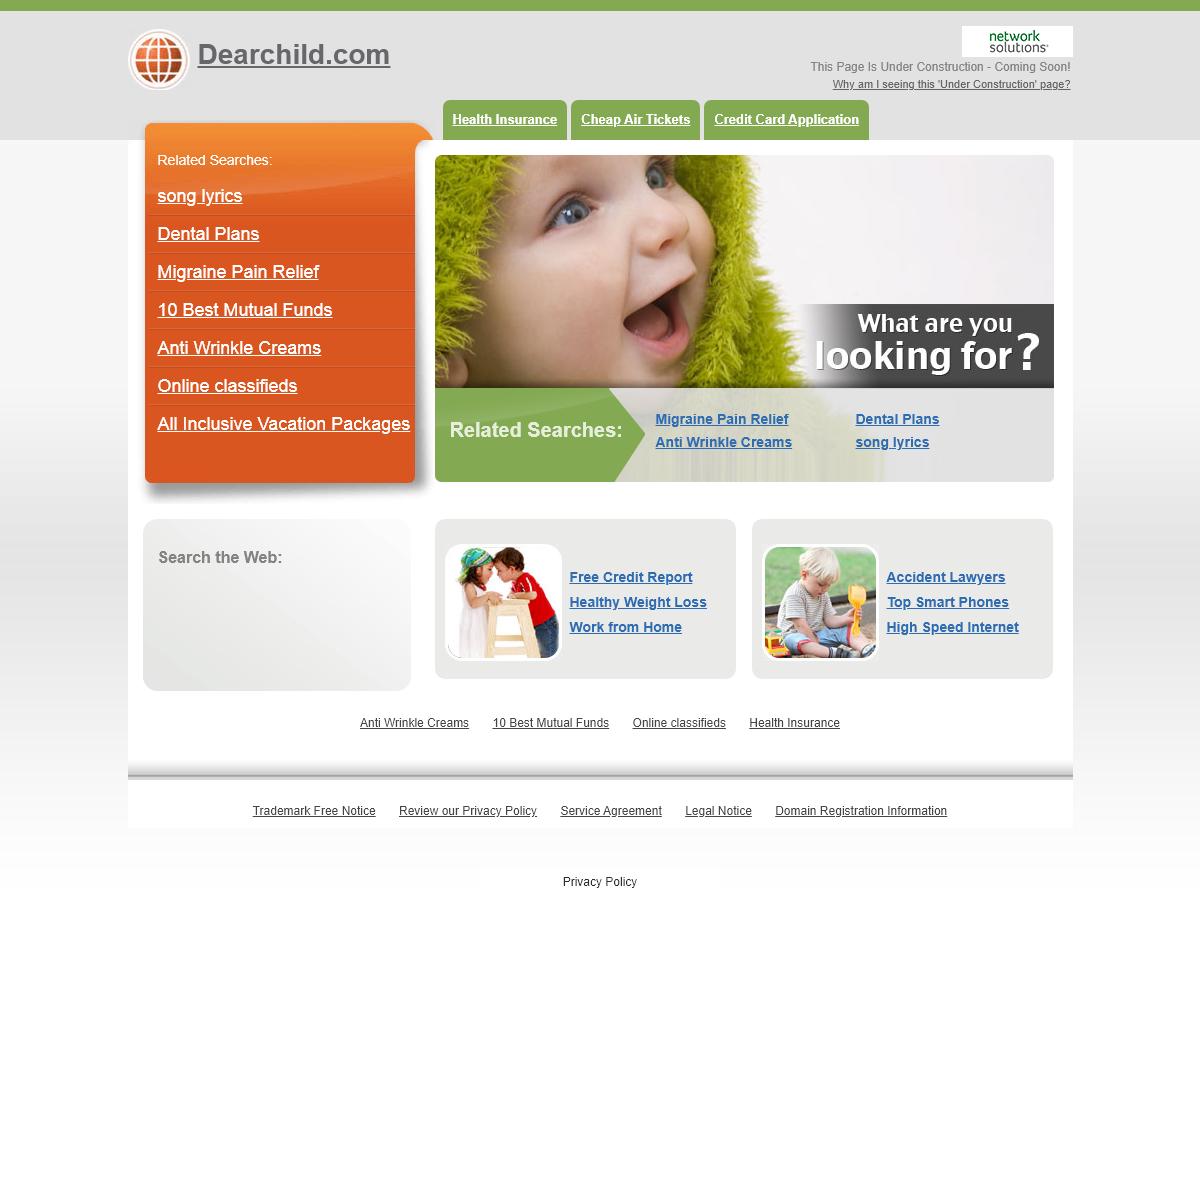 Dearchild.com